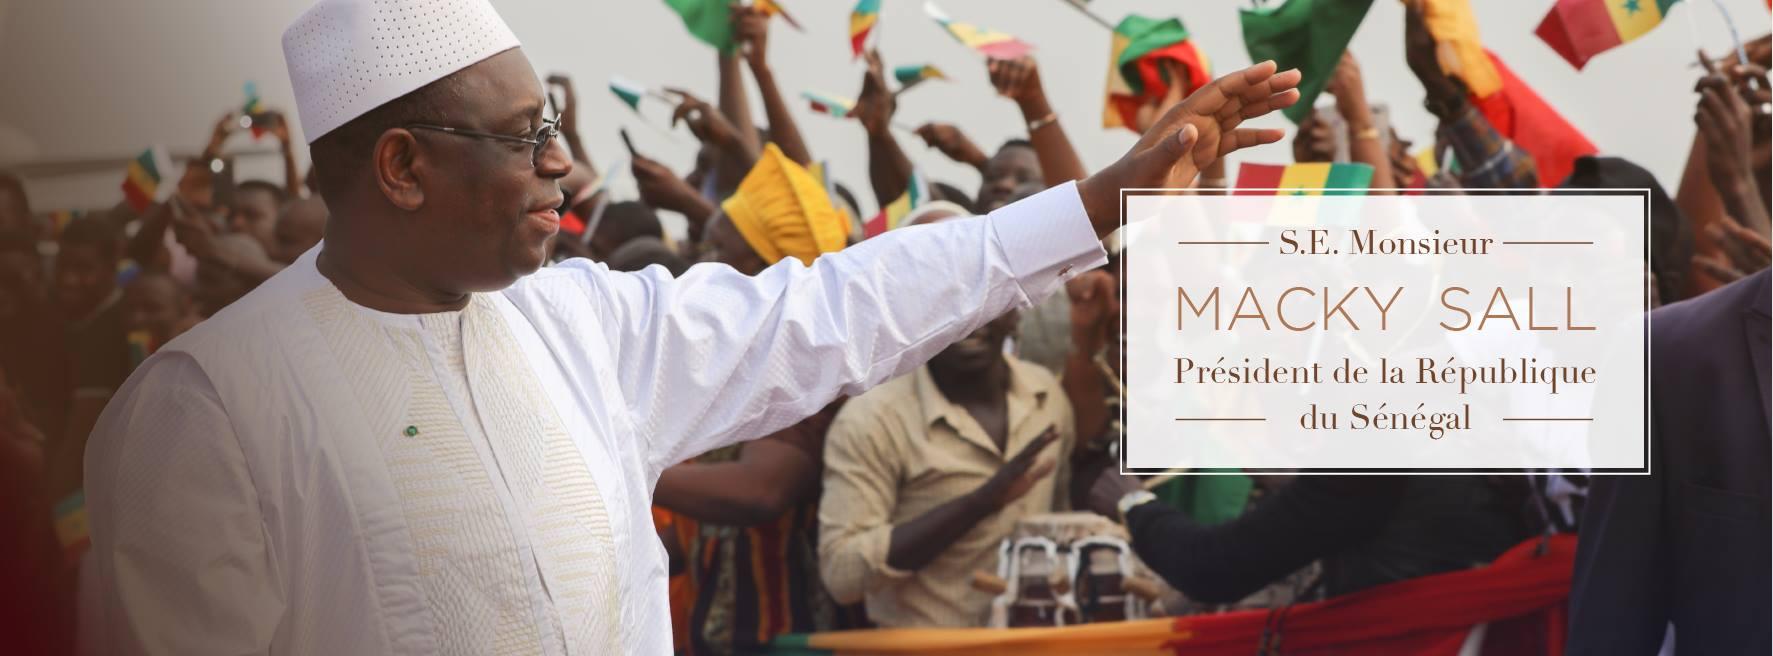 Macky Sall, un Président à l'ère du Digital !